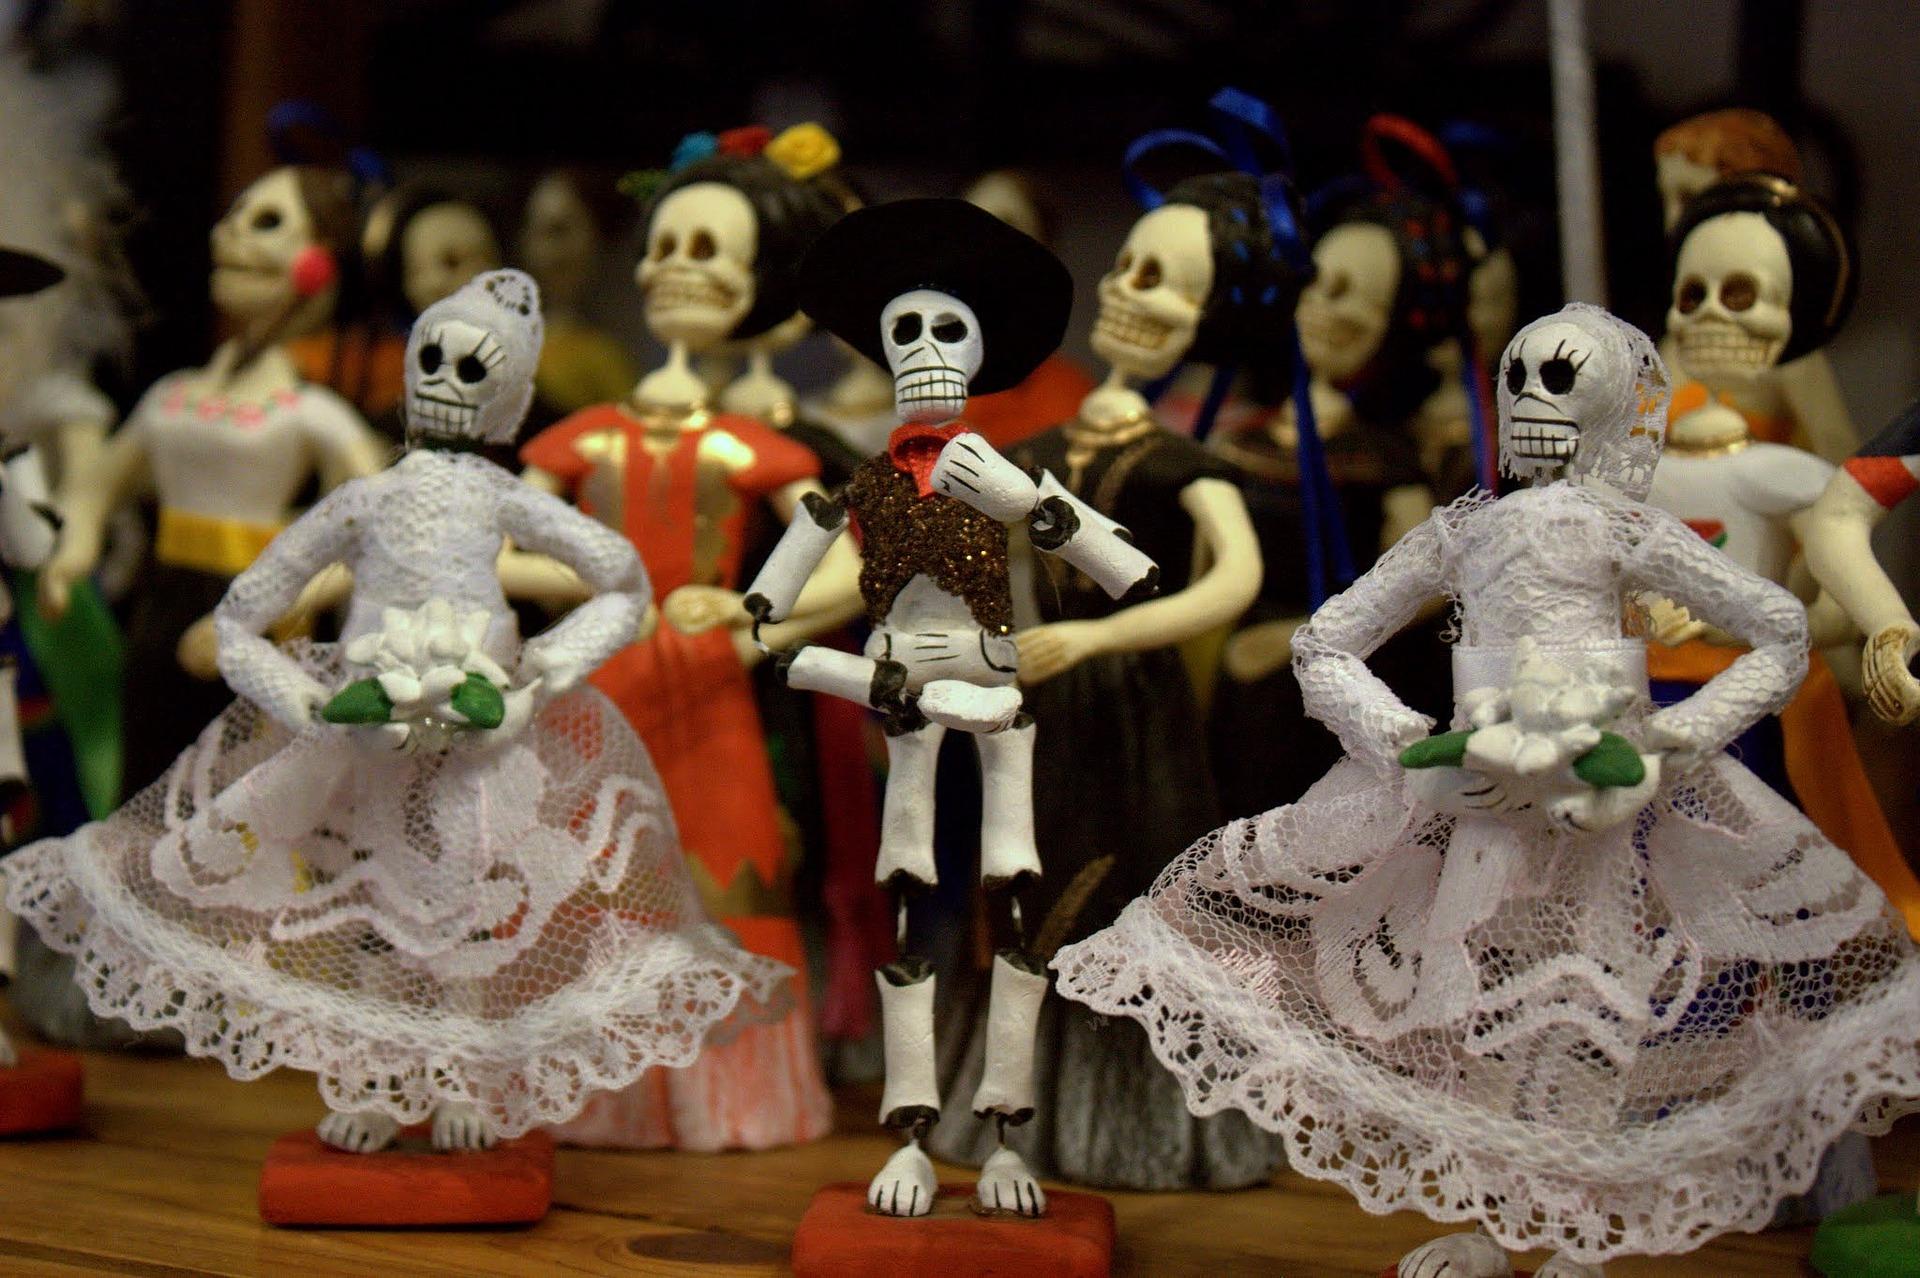 MECA Día de los Muertos Ofrendas (Altar) Exhibition